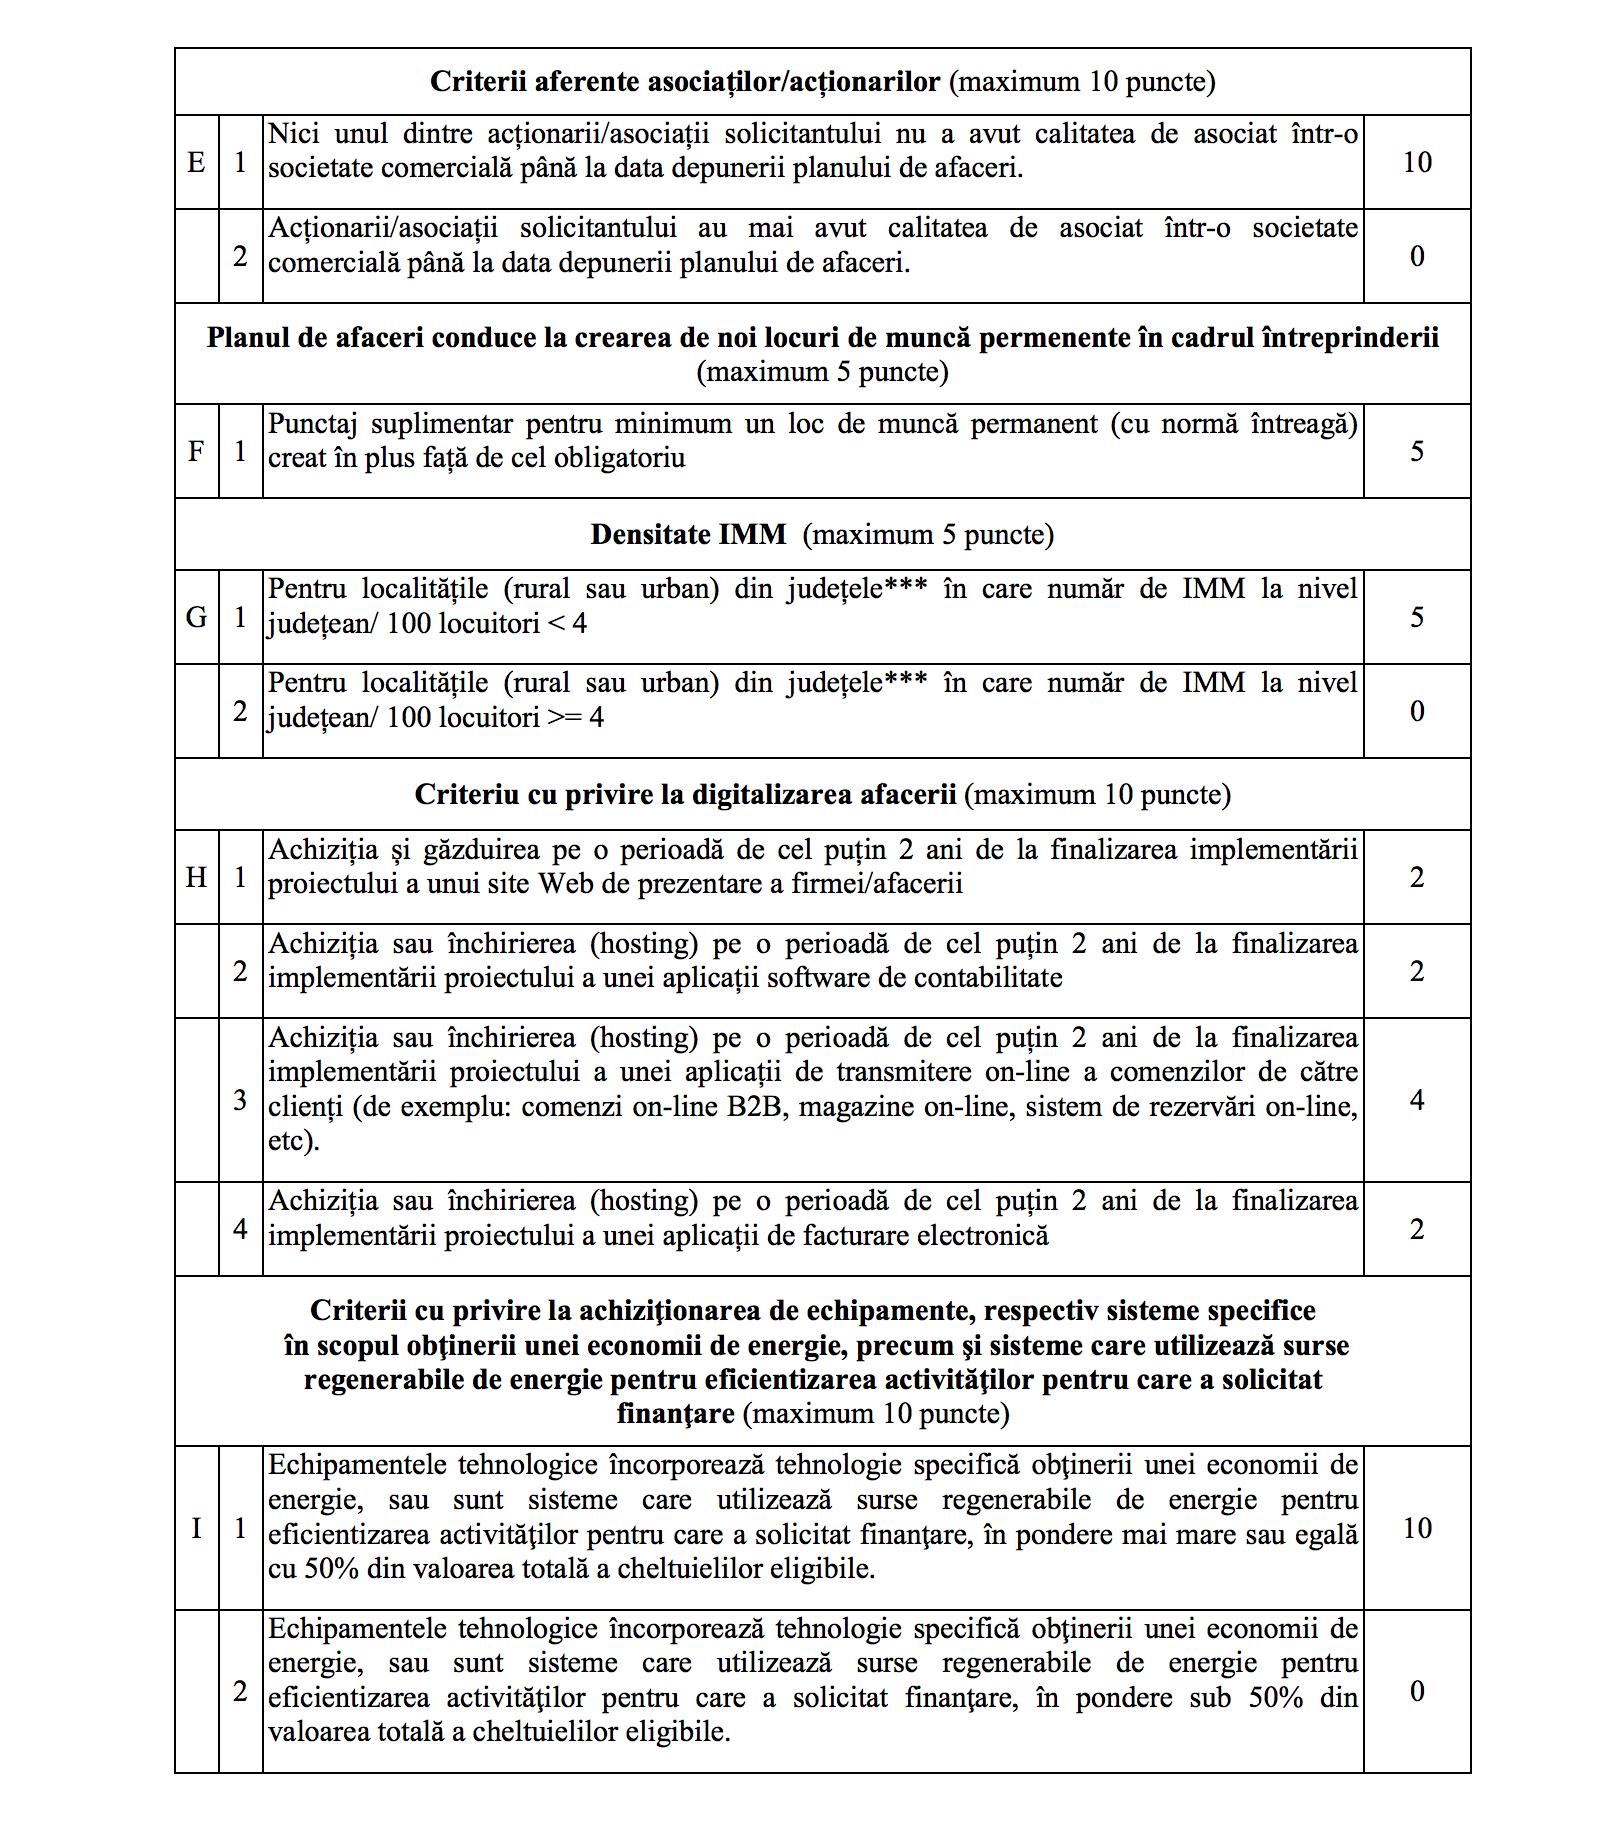 StartUp Nation Grila Punctaj si calculator online Criterii privind evaluarea on-line a planului de afaceri Nr. crt. Criterii Punctaj Domeniul de activitate – în funție de punctajul alocat pentru fiecare cod CAEN* (maximum 20 puncte) A 1 Producţie 2 Serviciile/industriile creative** 3 Servicii 4 Comerţ şi alte activităţi Inovare (maximum 10 puncte) B 1 Se angajează (sub sancțiunea nedecontării AFN) să prezinte, la data depunerii cererii de rambursare, a unui contract de furnizare produse către o întreprindere mare sau a unui document emis de o universitate cu privire la efectuarea unor studii de cercetare/dezvoltare/inovare efectuate de beneficiarul Programului. De asemenea, solicitantul folosește pentru lansarea afacerii un brevet de invenție (deținut de unul dintre asociați, achiziționat sau pentru care a obținut drept de folosință) înregistrat la OSIM sau la altă instituție recunoscută pentru înregistrarea și protejarea invențiilor. 10 2 Solicitantul nu folosește pentru lansarea afacerii un brevet de invenție (deținut de unul dintre asociați, achiziționat sau pentru care a obținut drept de folosință) înregistrat la OSIM sau la altă instituție recunoscută pentru înregistrarea și protejarea invențiilor. 0 Aportul la capitalul social subscris și vărsat al societății aplicante (maximum 15 puncte) C 1 6000 lei 15 2 5000 lei 10 3 4000 lei 5 Criterii aferente investiţiei (maximum 15 puncte) D 1 Echipamente tehnologice şi software-uri necesare desfăşurării activităţii în pondere mai mare sau egală cu 80% din valoarea totală a cheltuielilor eligibile 15 2 Echipamente tehnologice şi software-uri necesare desfăşurării activităţii în pondere mai mare sau egală cu 60% din valoarea totală a cheltuielilor eligibile 10 3 Echipamente tehnologice şi software-uri necesare desfăşurării activităţii în pondere mai mare sau egală cu 40% din valoarea totală a cheltuielilor eligibile 5